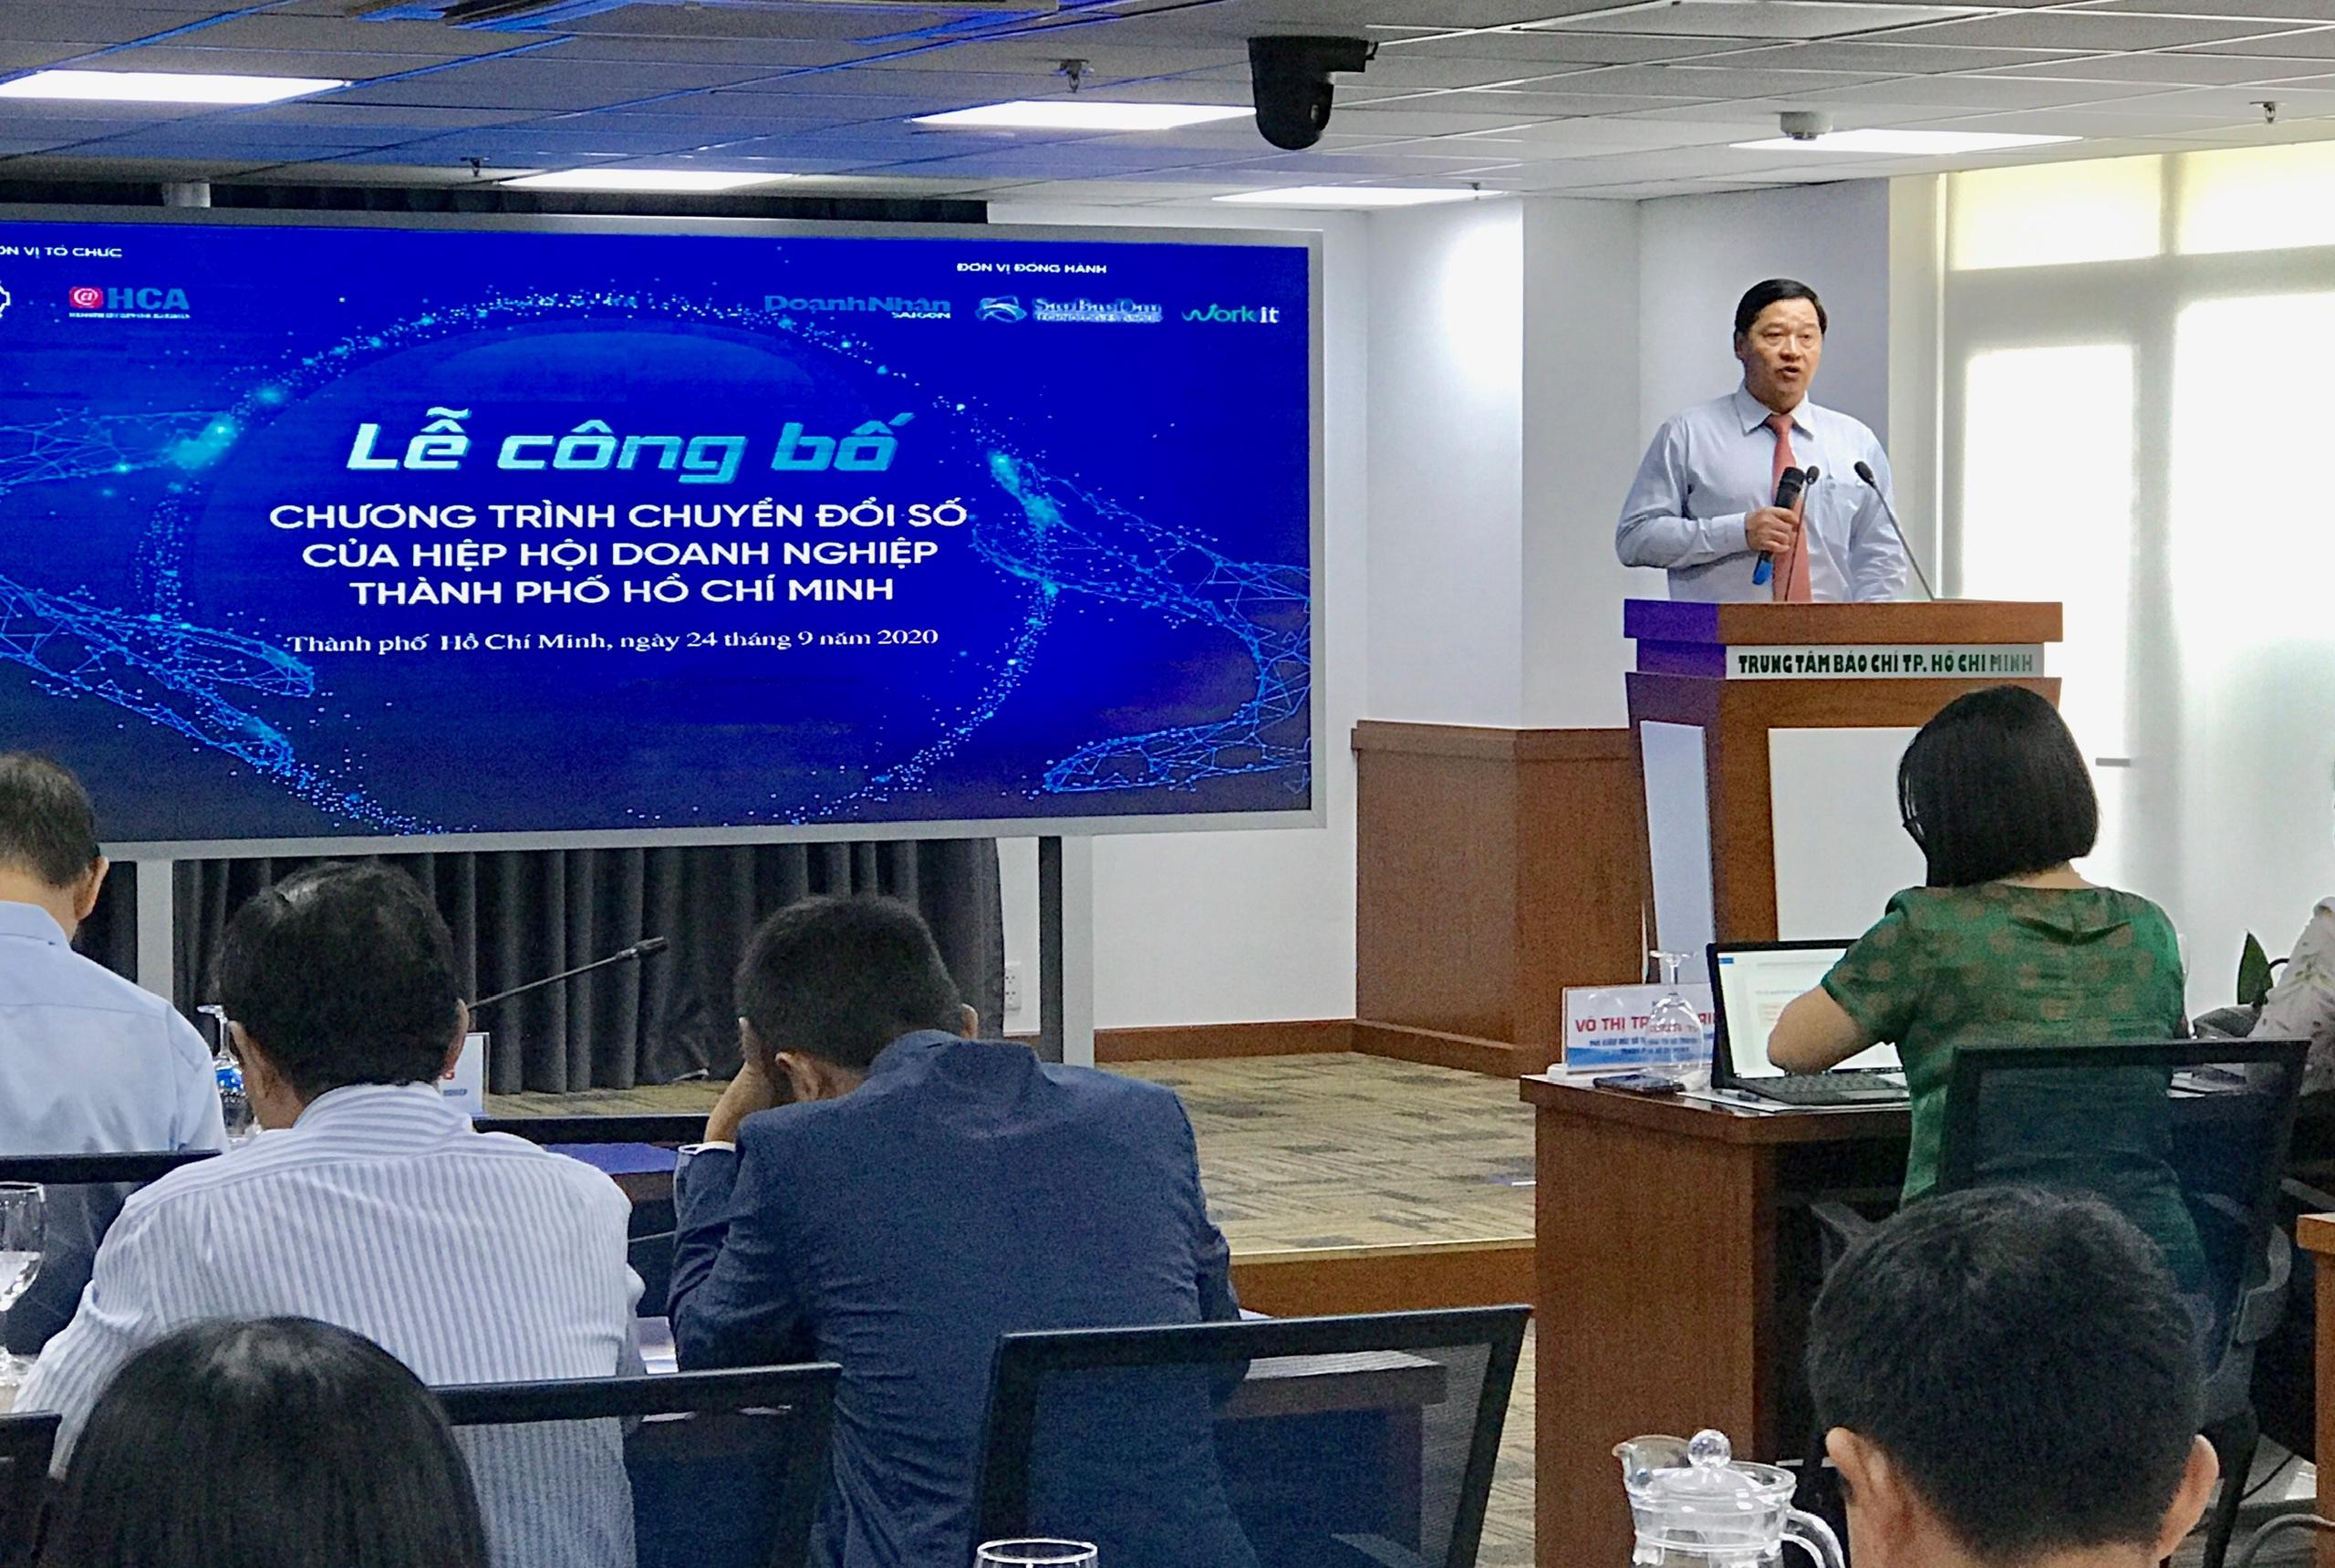 TP HCM dành 4 tỉ đồng hỗ trợ doanh nghiệp tiếp cận các gói giải pháp chuyển đổi số - Ảnh 1.